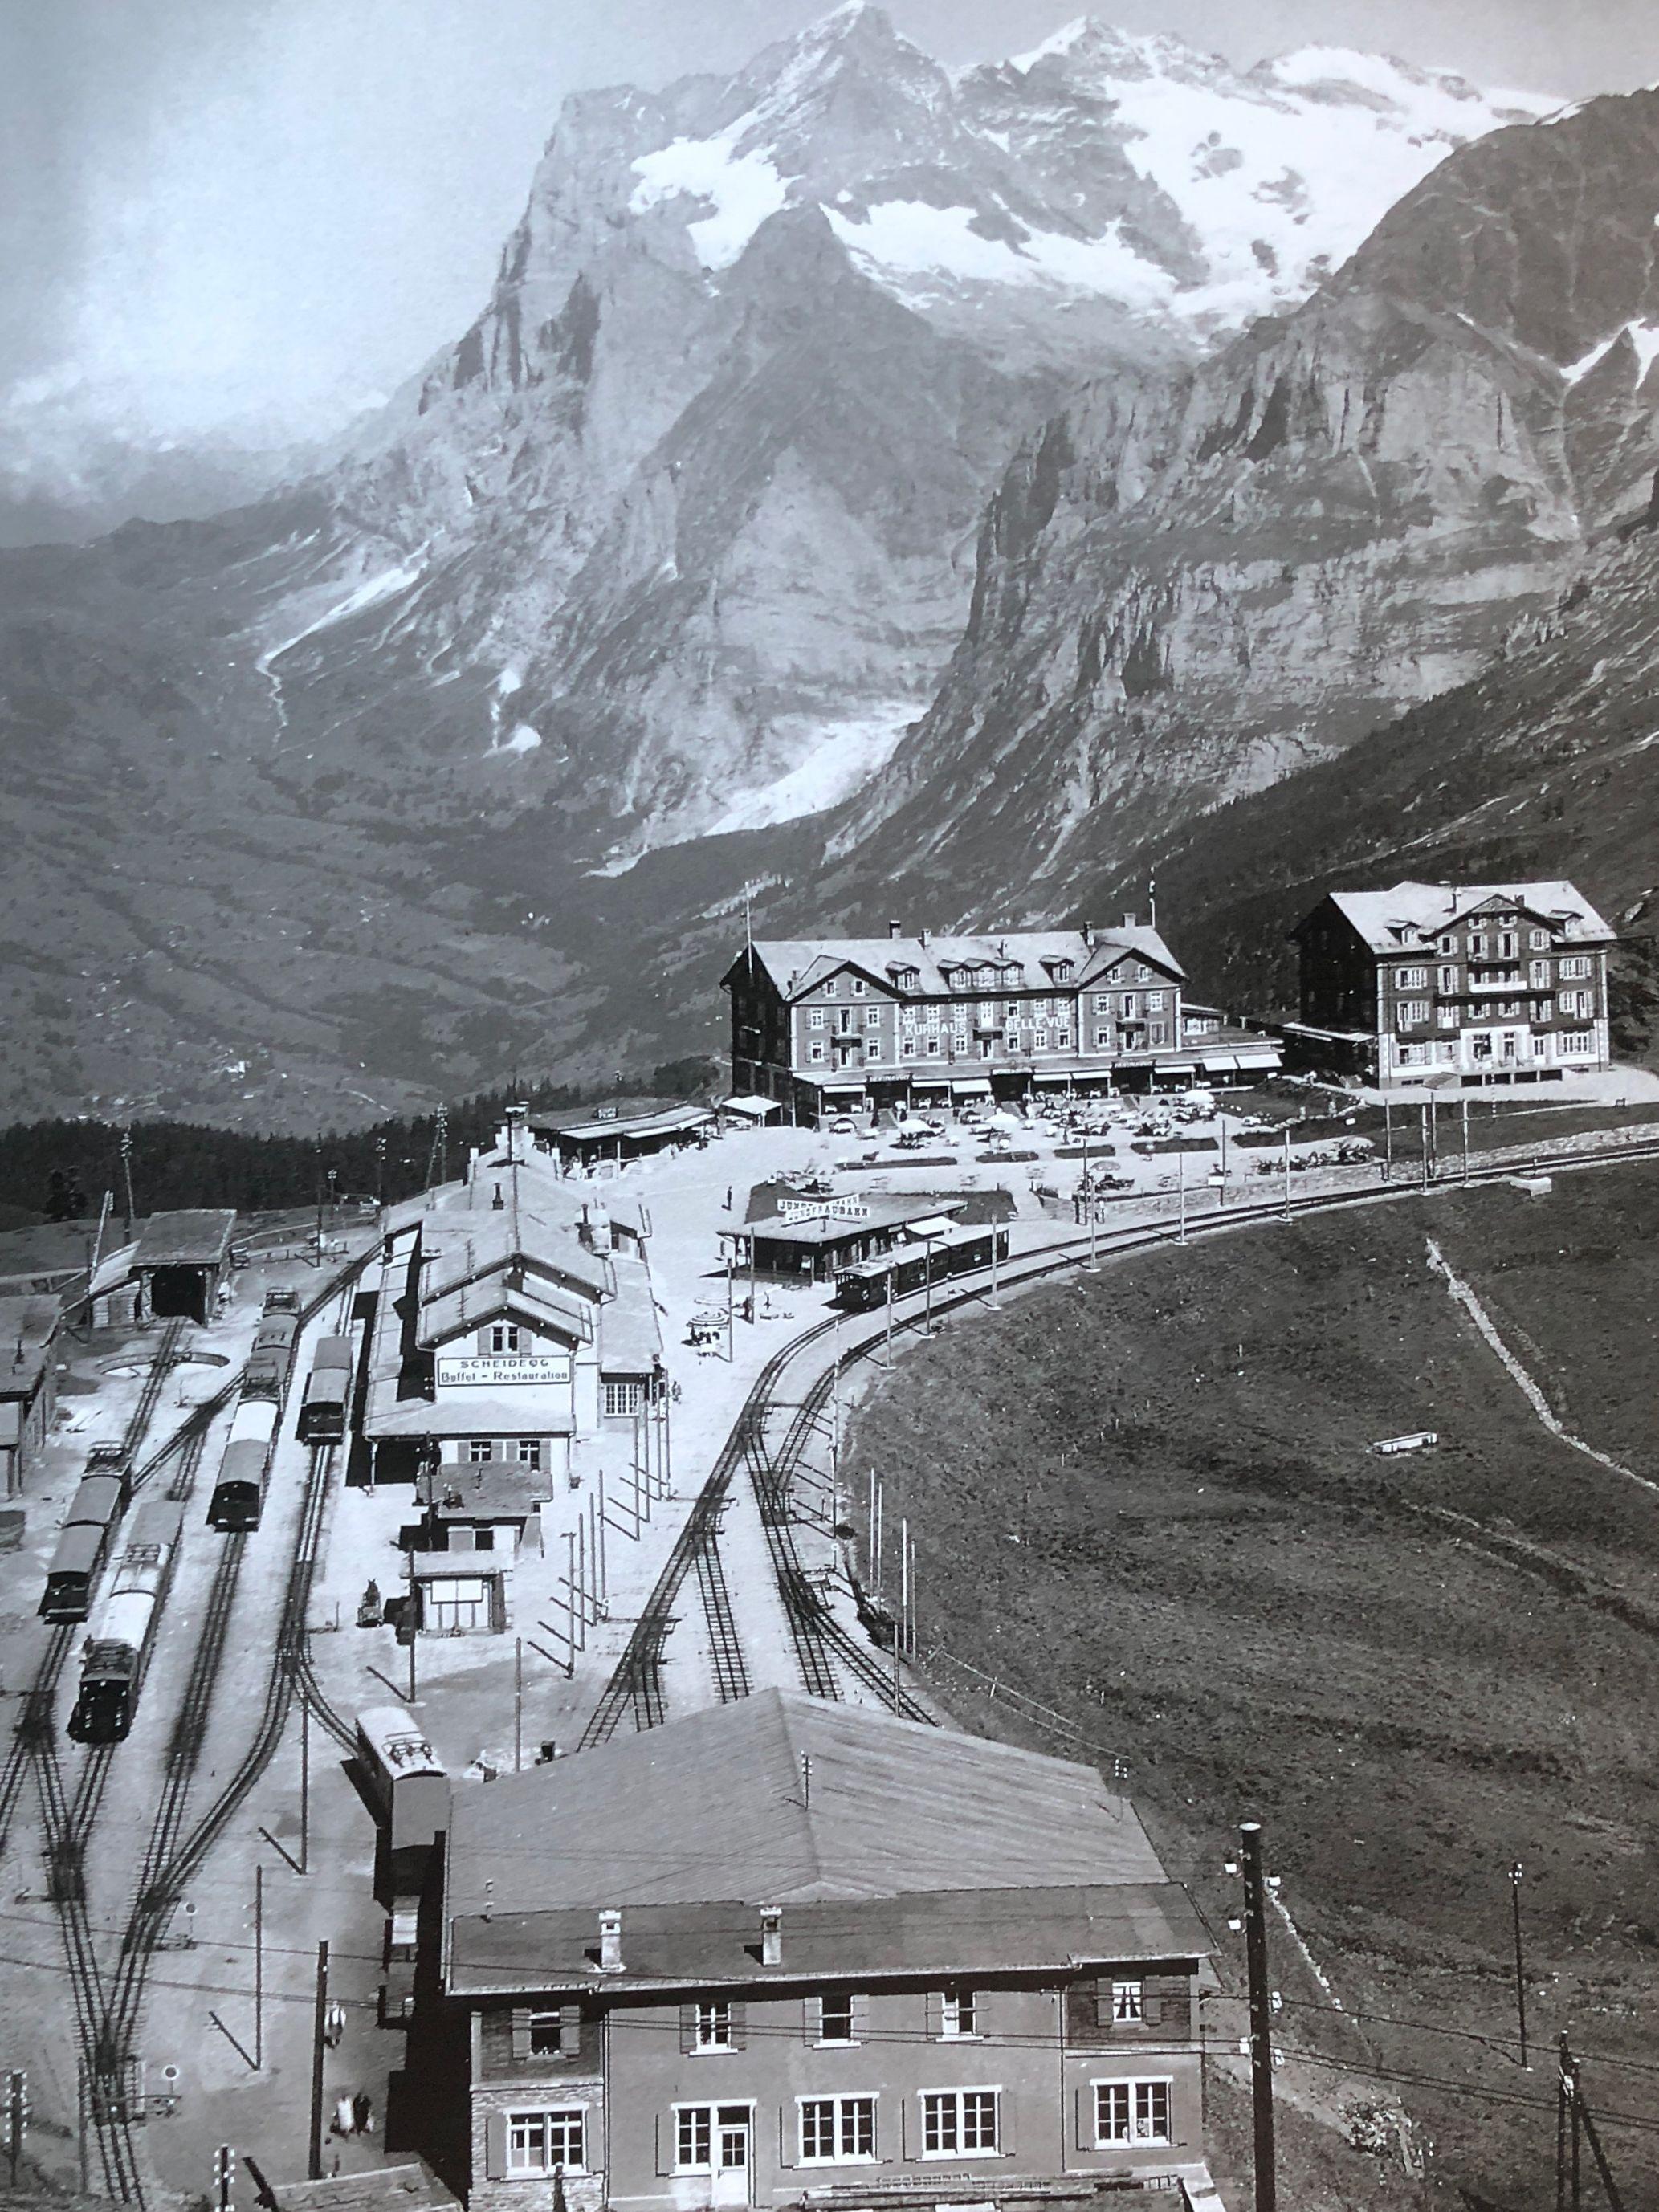 Der Bahnhof Kleine Scheidegg damals